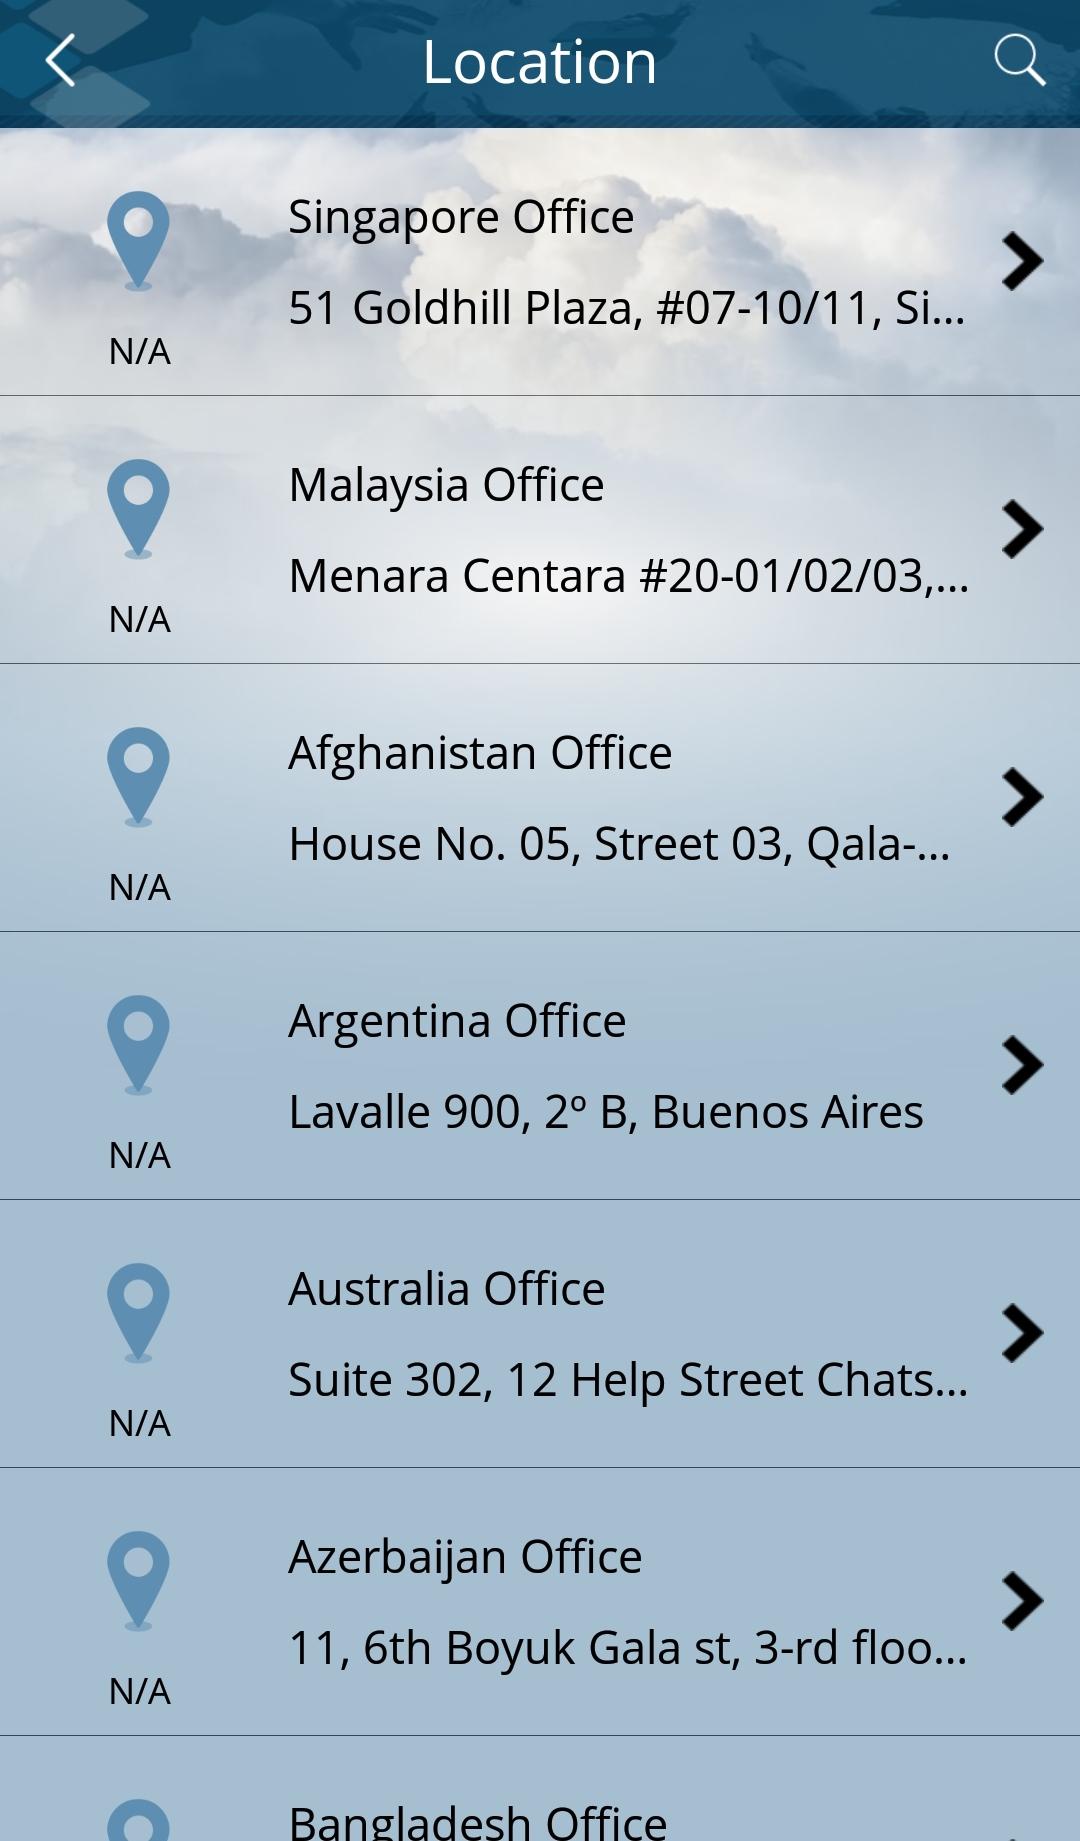 搜索任何一个3E会计公司的办公室